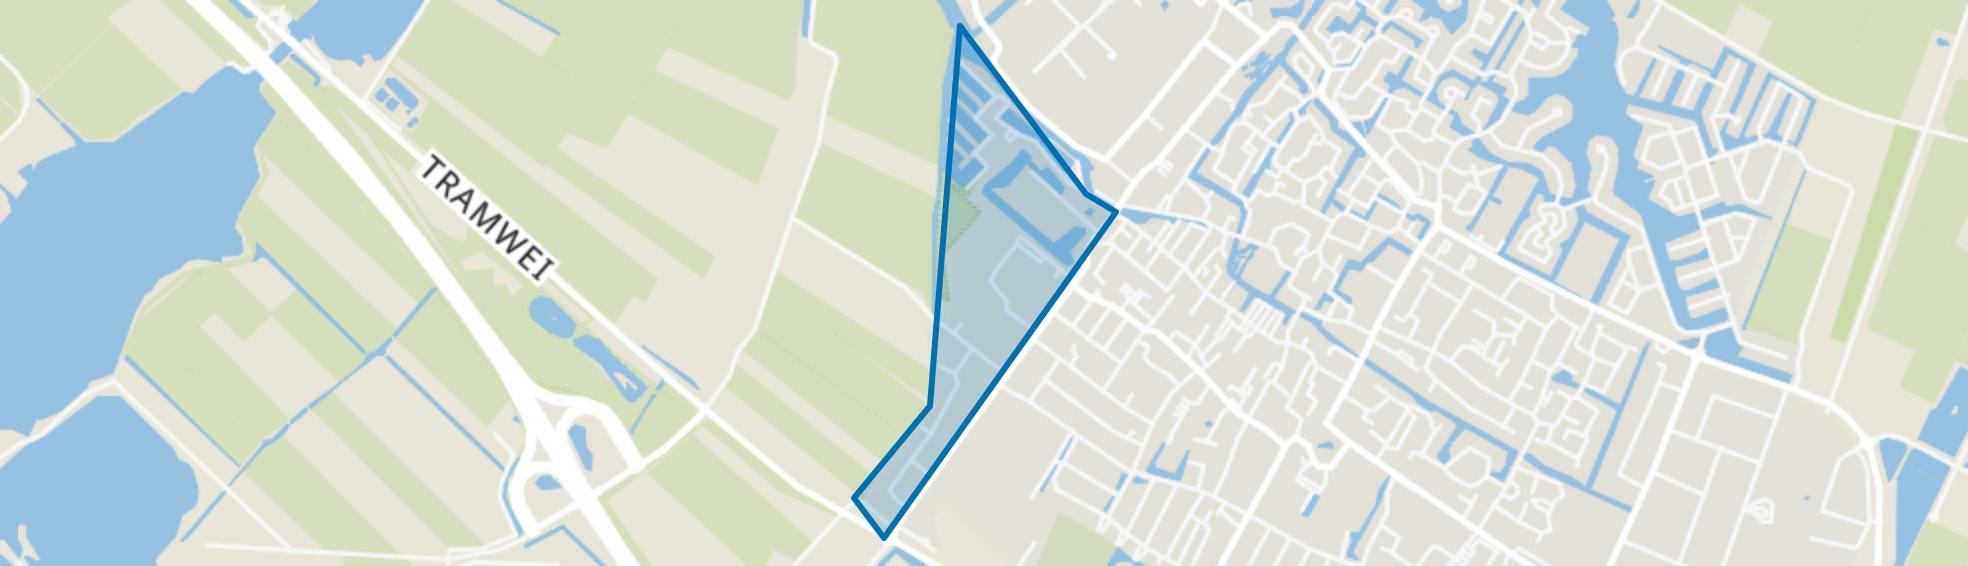 Joure, Jonkersland, Joure map